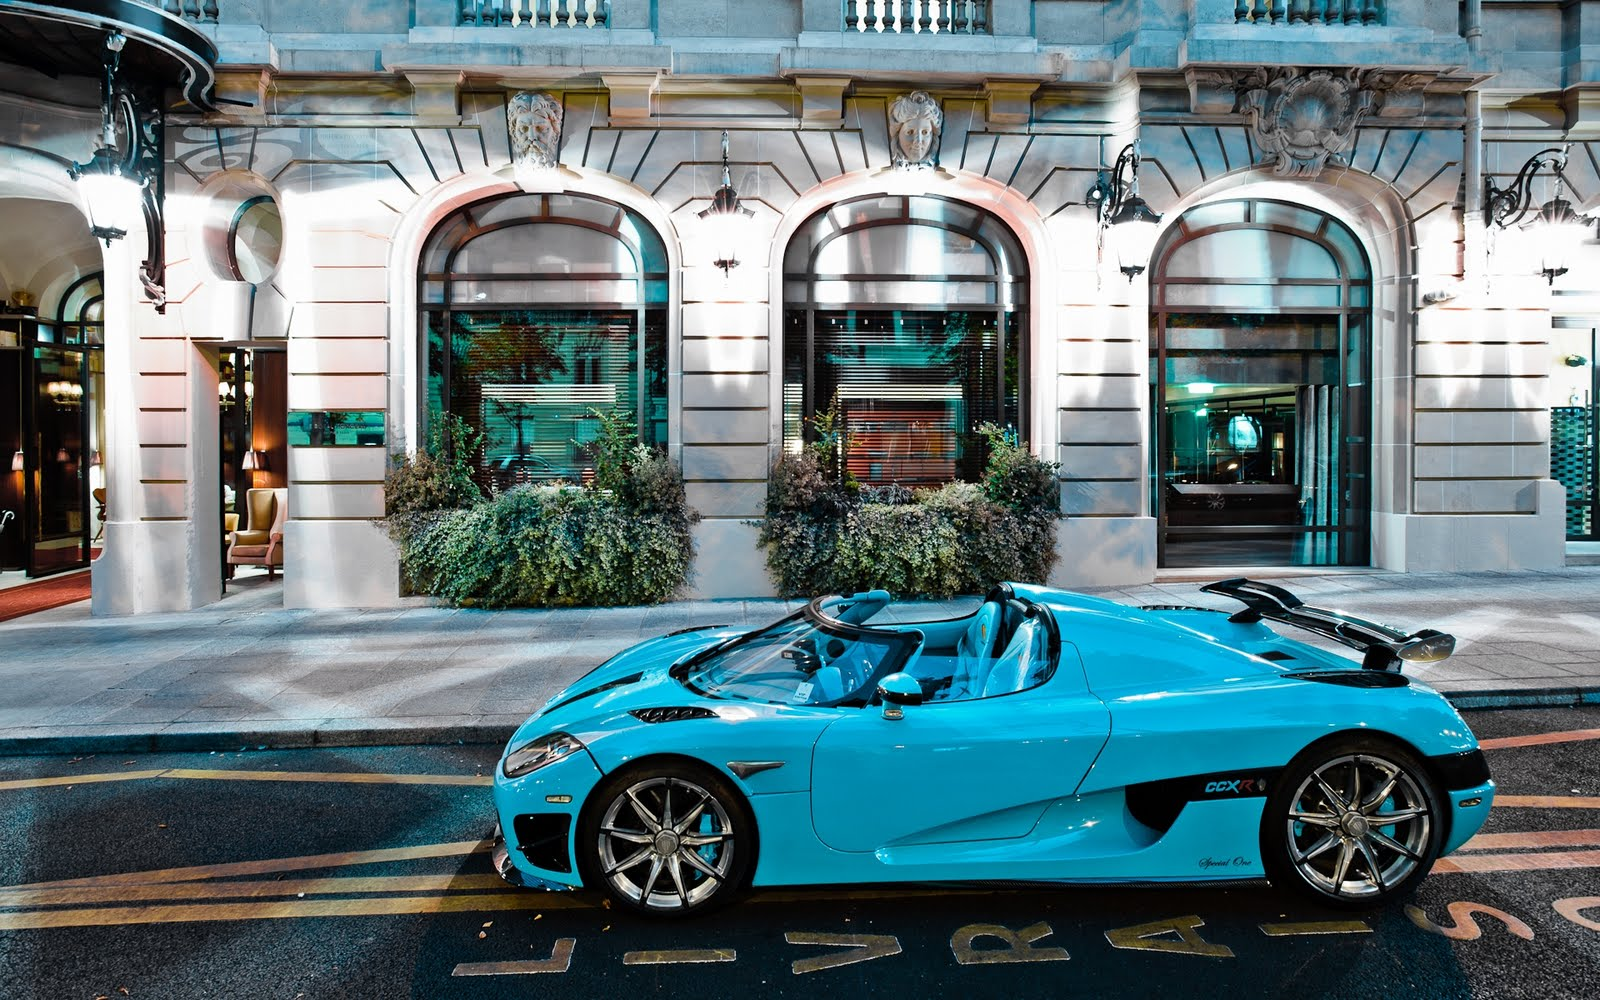 BANCO DE IMÁGENES: Auto deportivo en color azul Koenigsegg CCXR ...